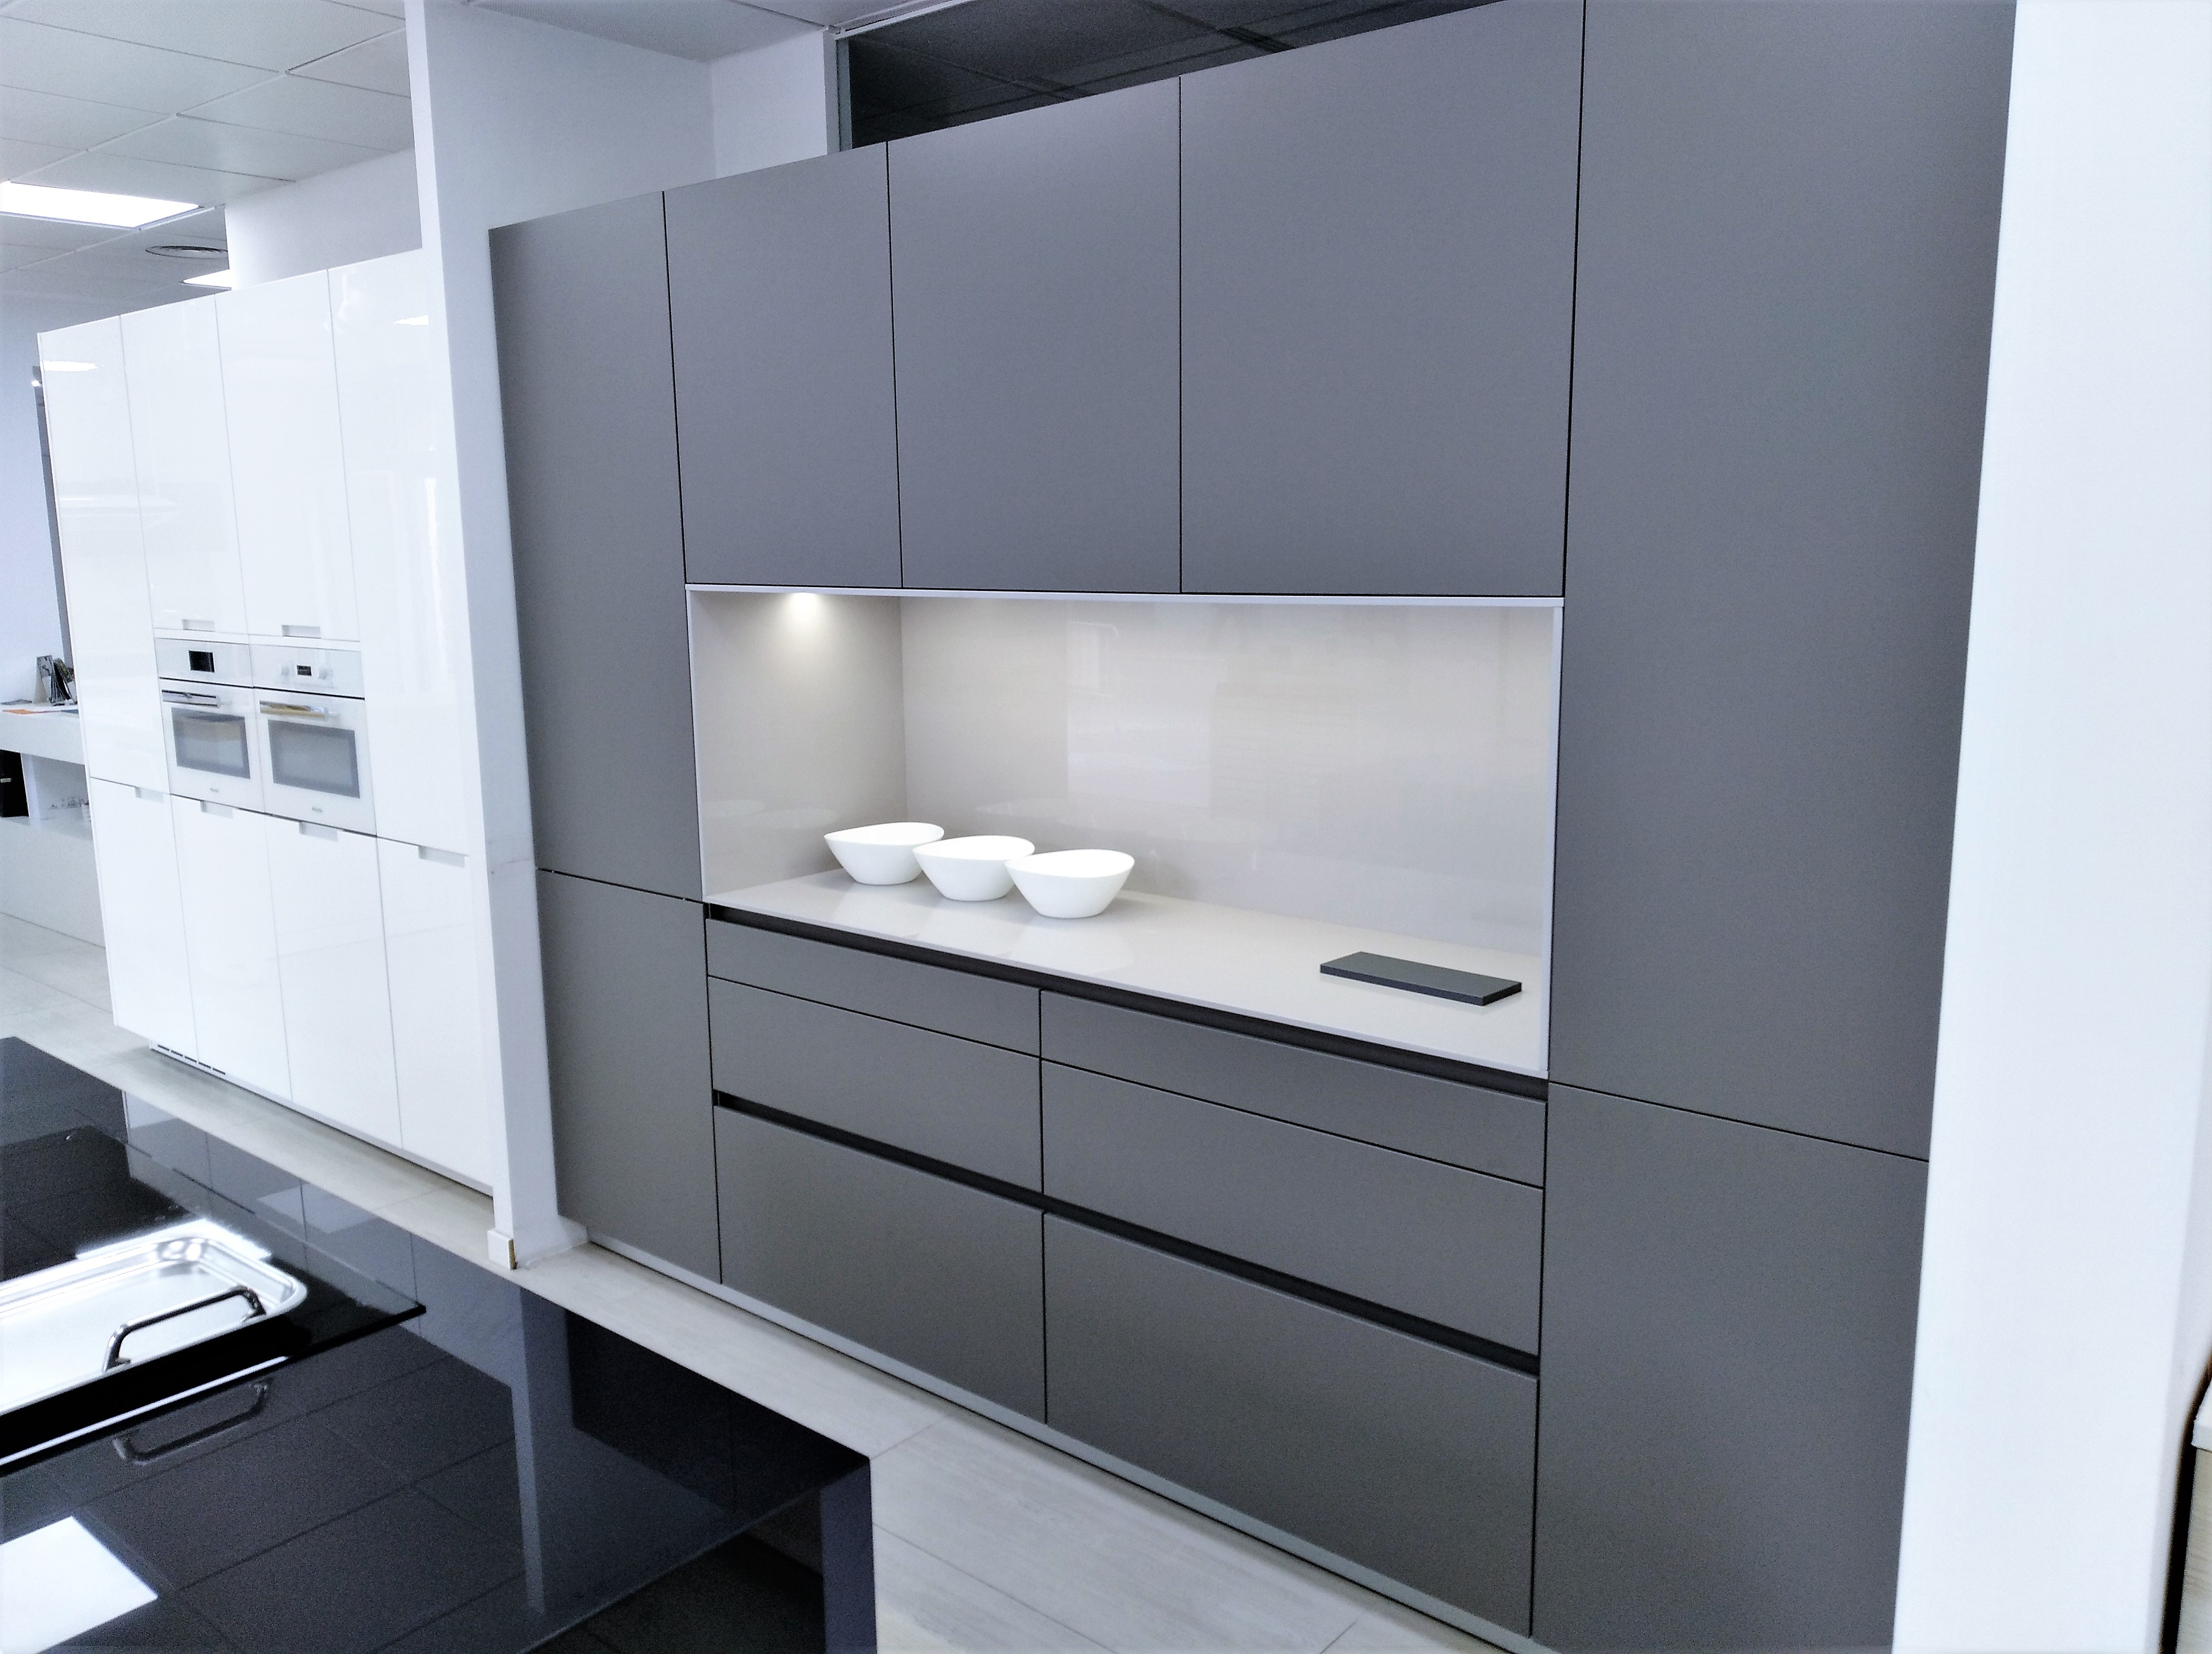 COCINA EXPOSICION LINE VISION - Santos muebles de cocina